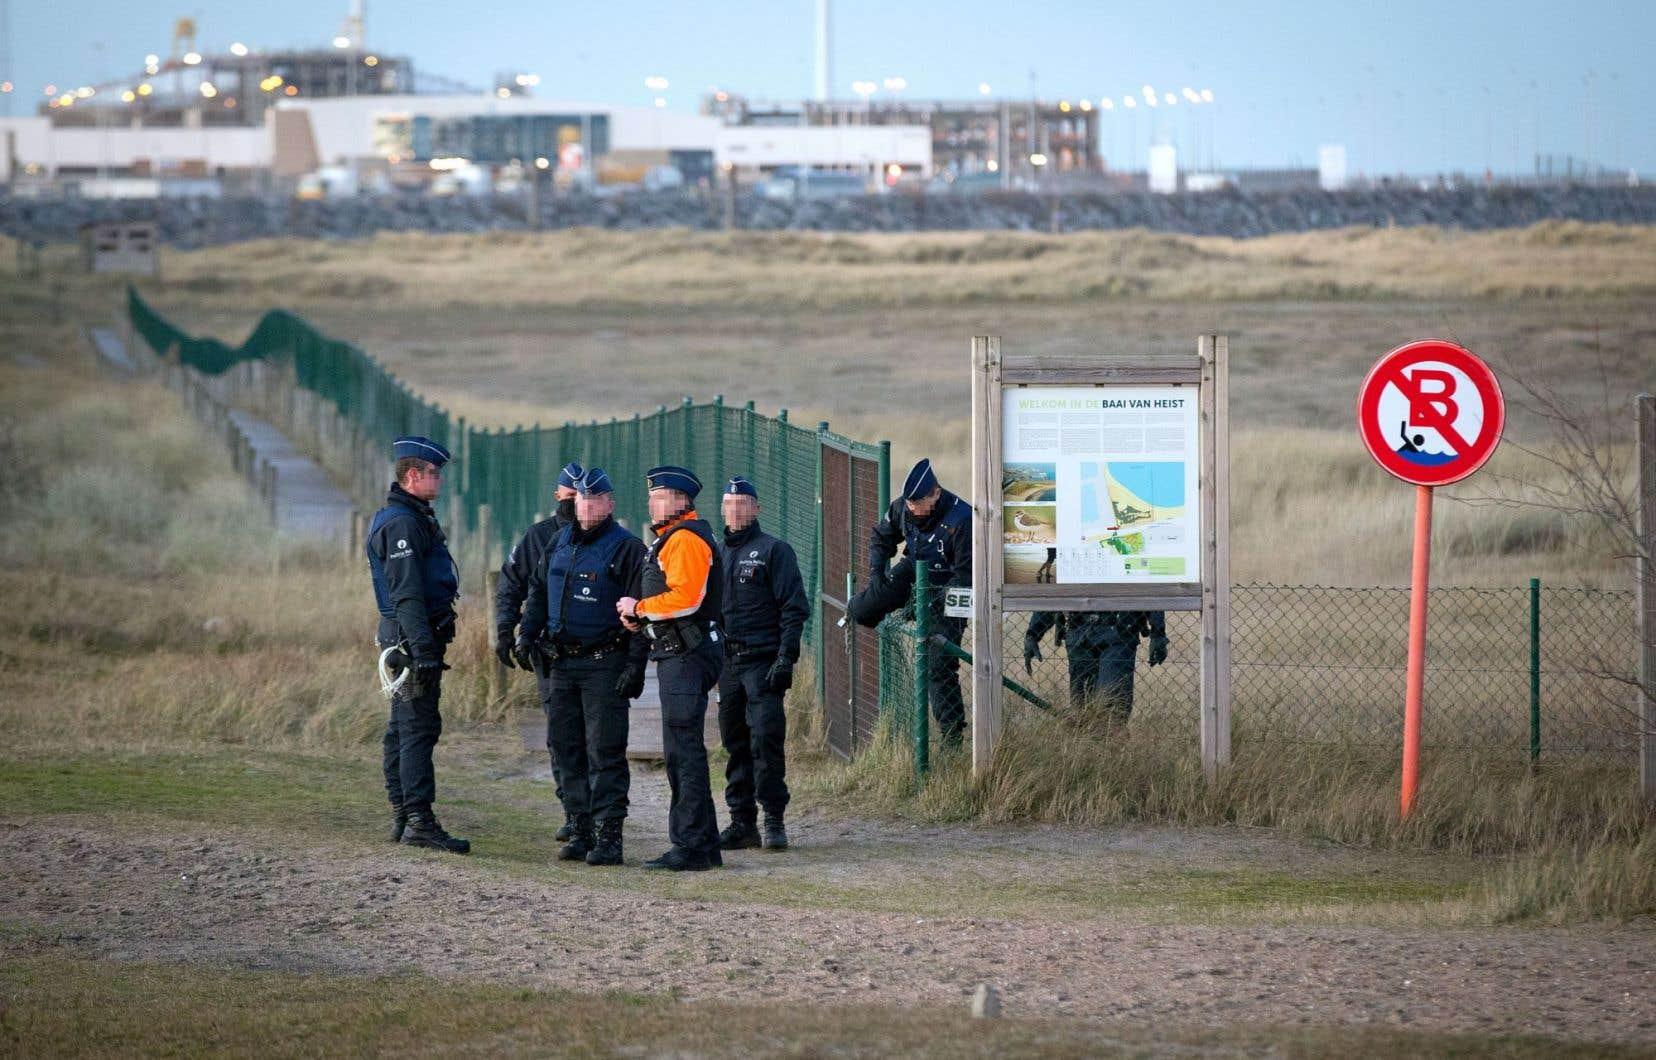 Des policiers patrouillent régulièrement sur les côtes de la région de Zeebruges.